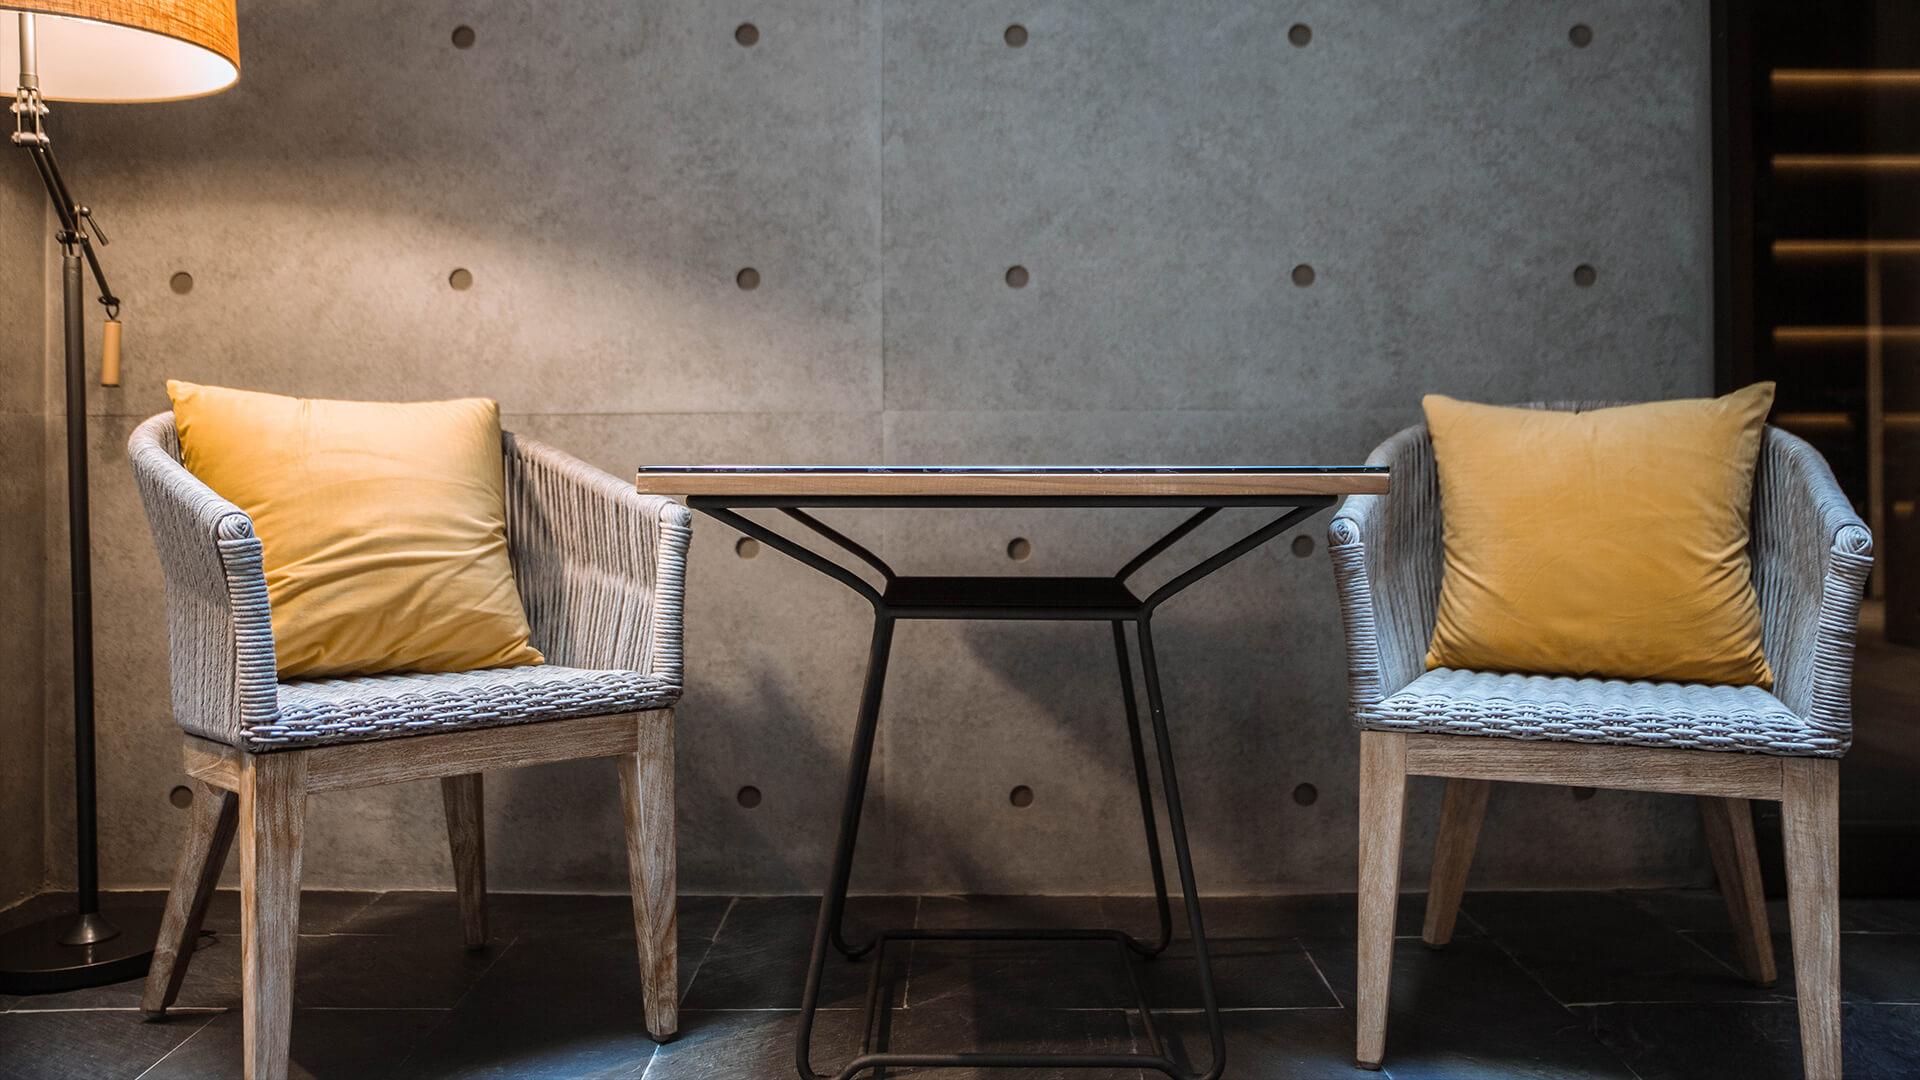 插圖 - 牆邊一燈一桌二椅